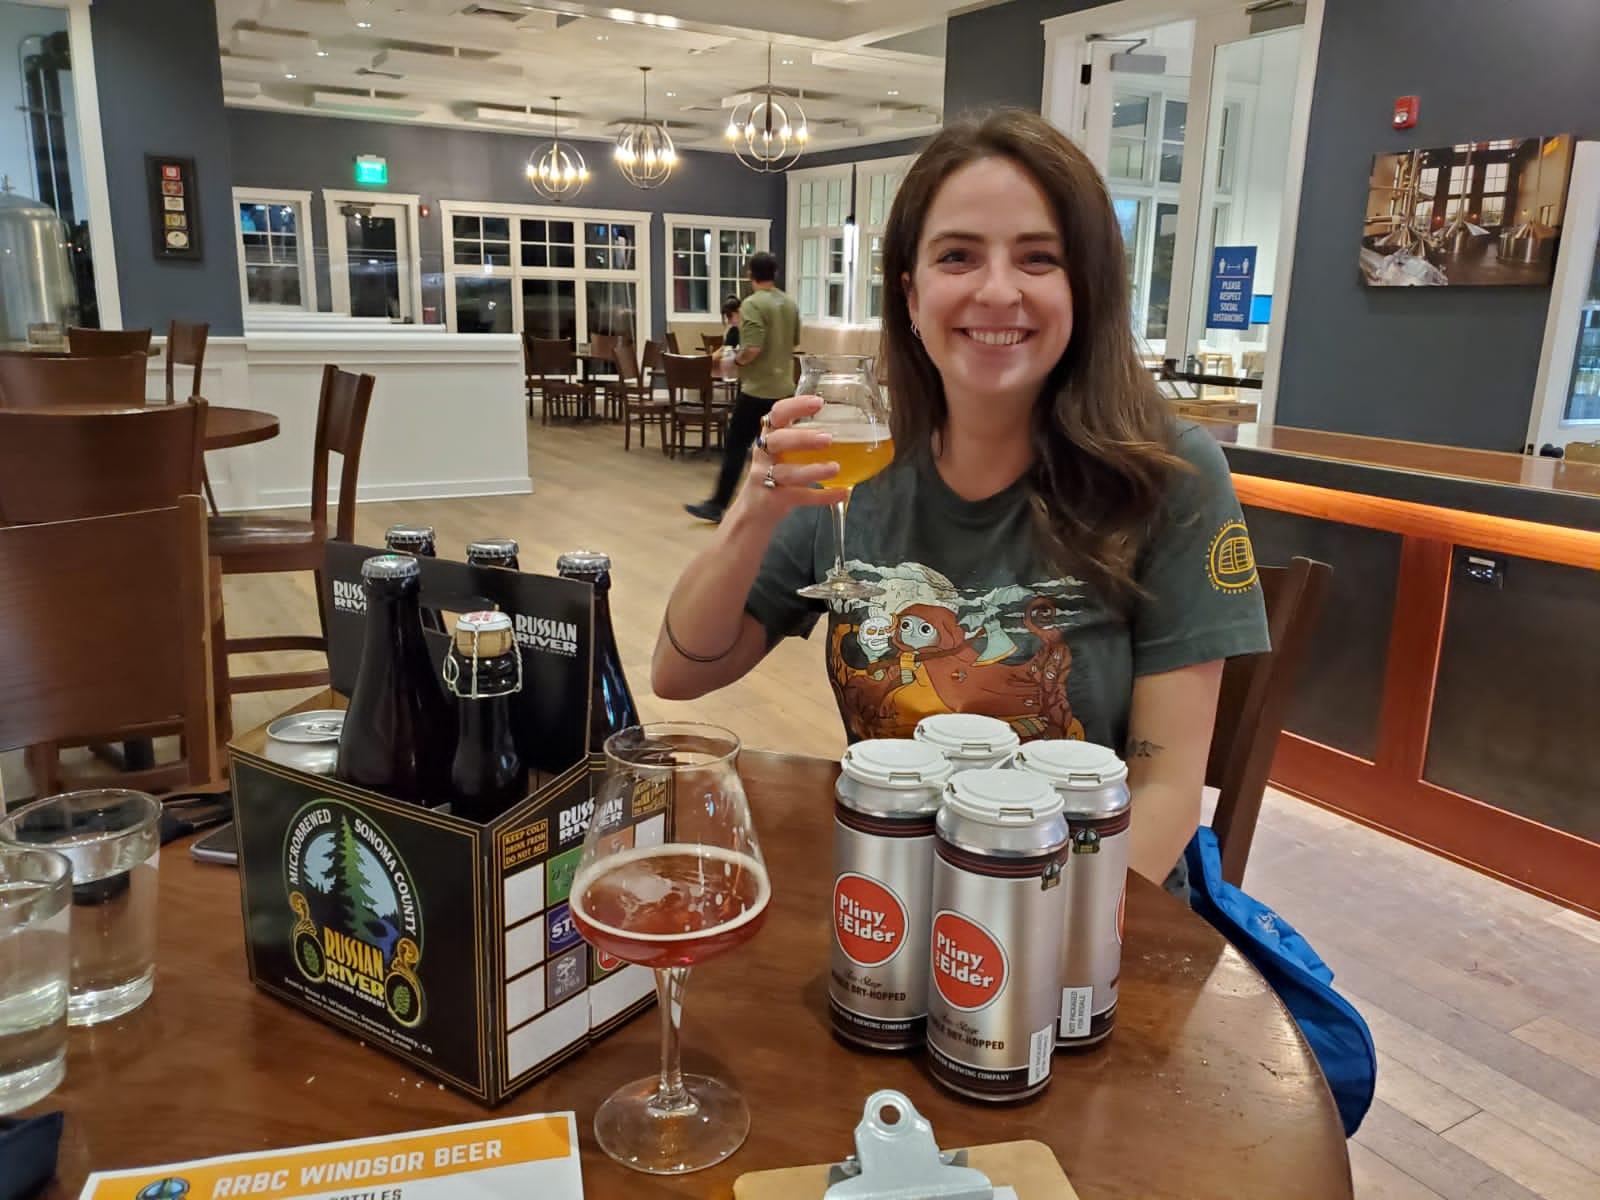 Russian River Brewing California vanlife diaries Brooke Around Town